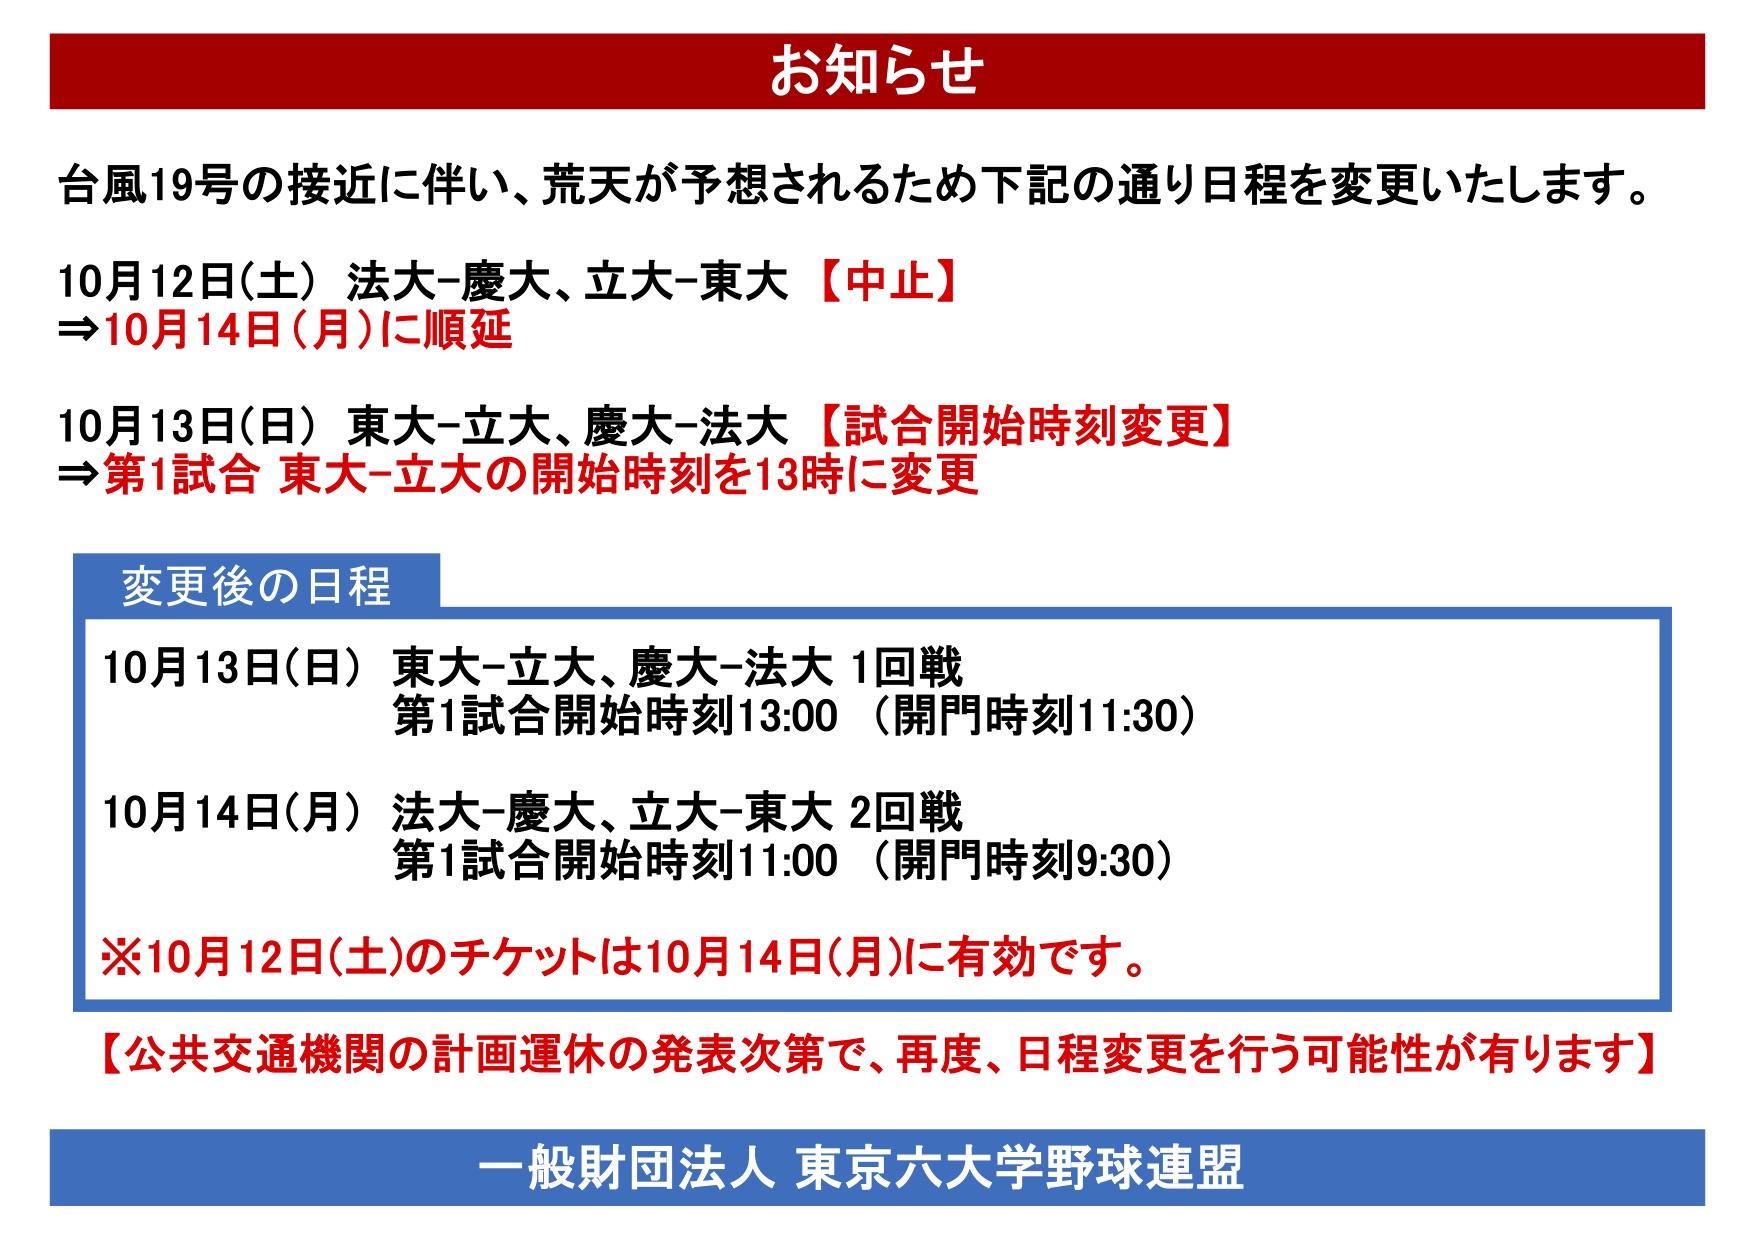 台風19号に伴う日程変更について